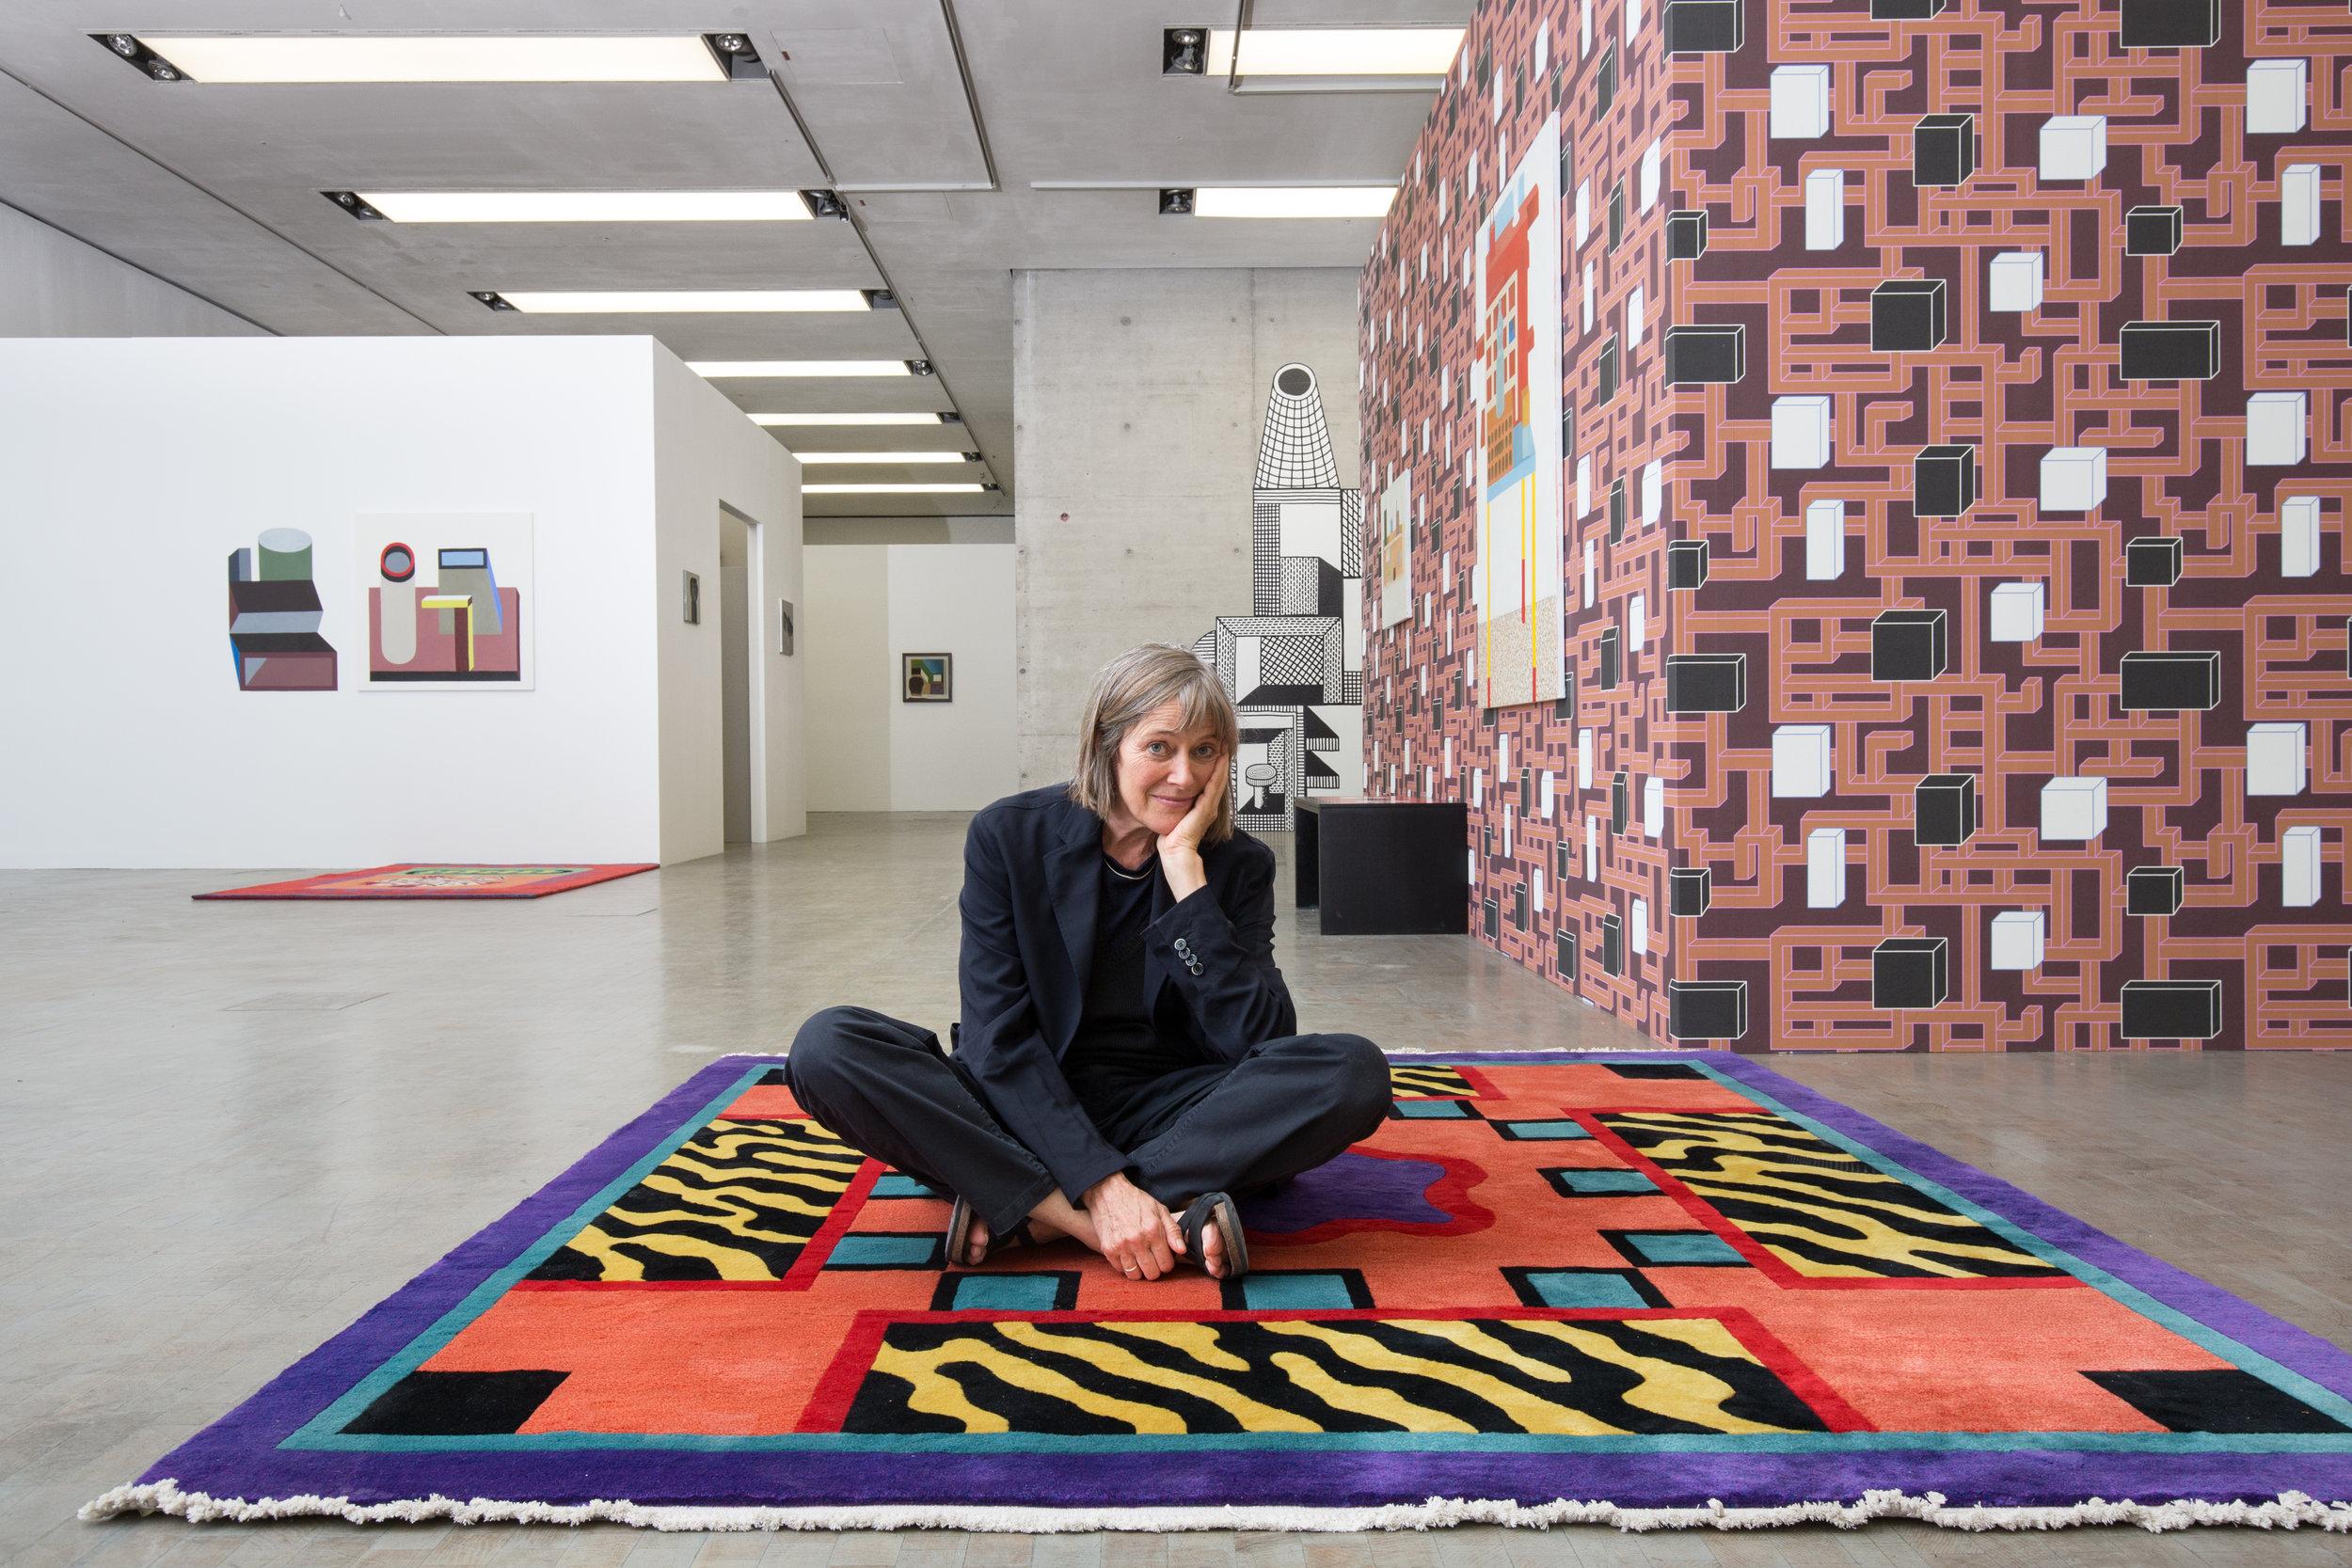 Nathalie du Pasquier, courtesy of Kunsthalle Wien